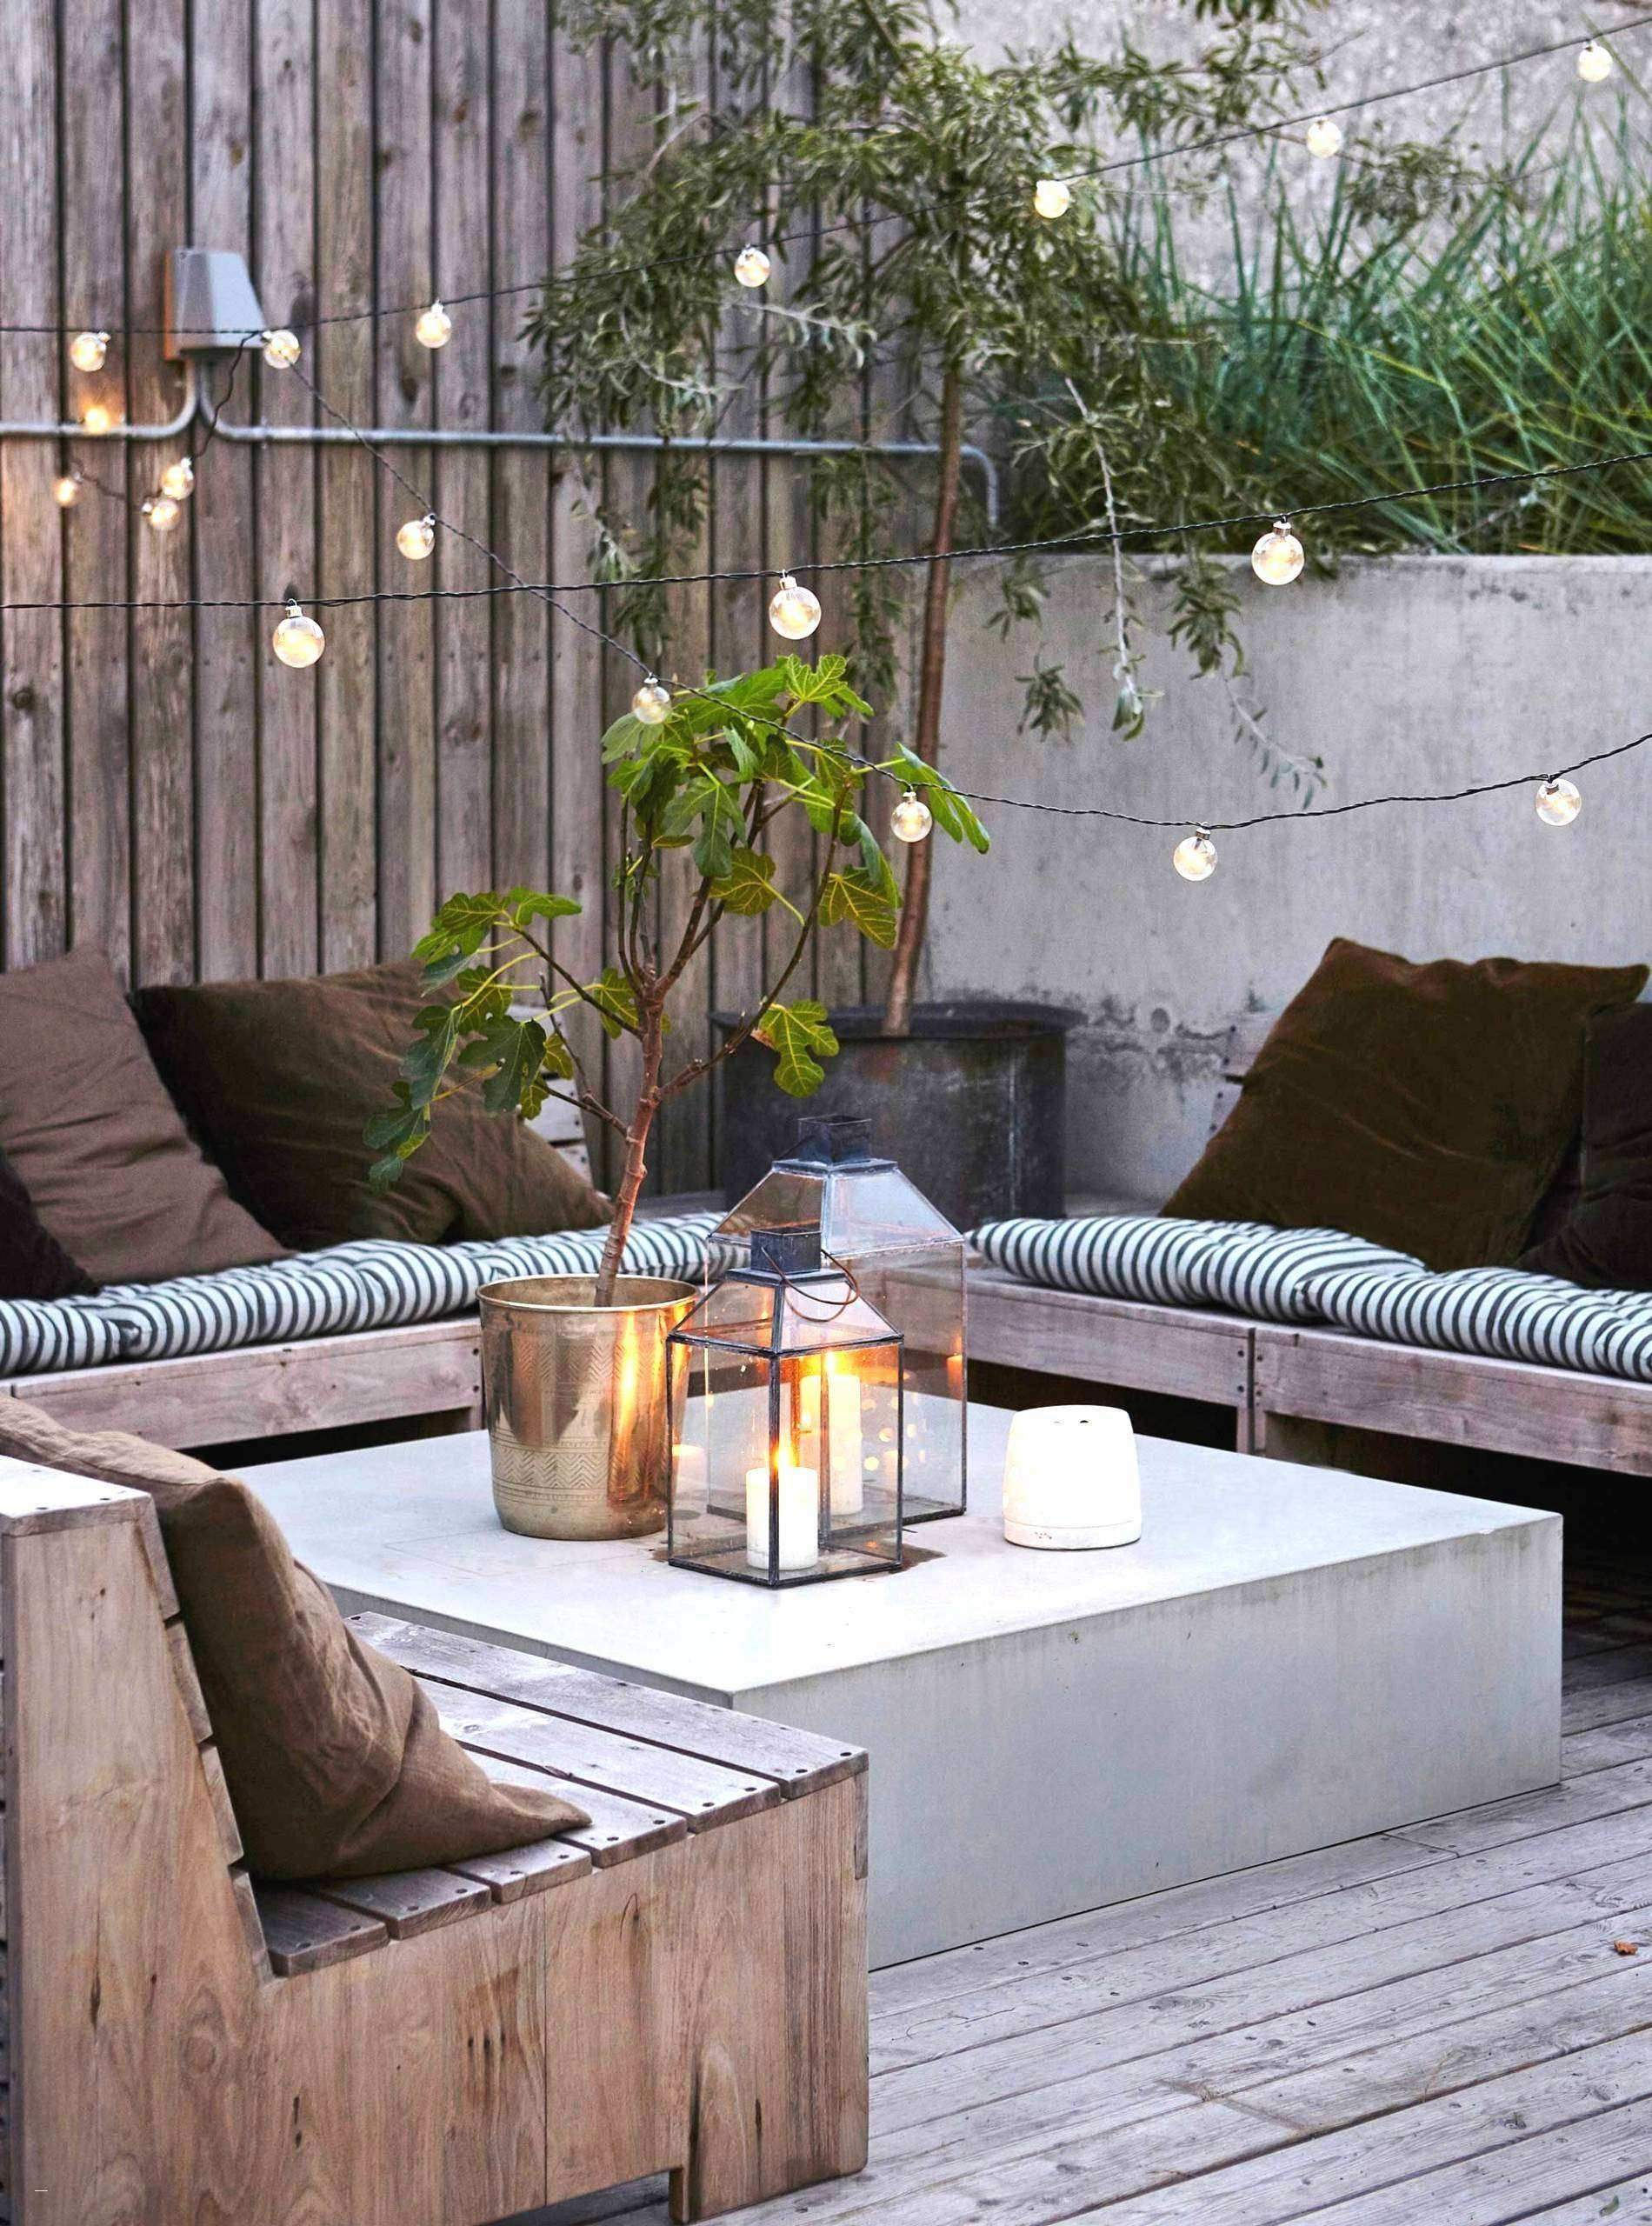 zen garten deko frisch 50 luxus von buddha deko wohnzimmer meinung of zen garten deko